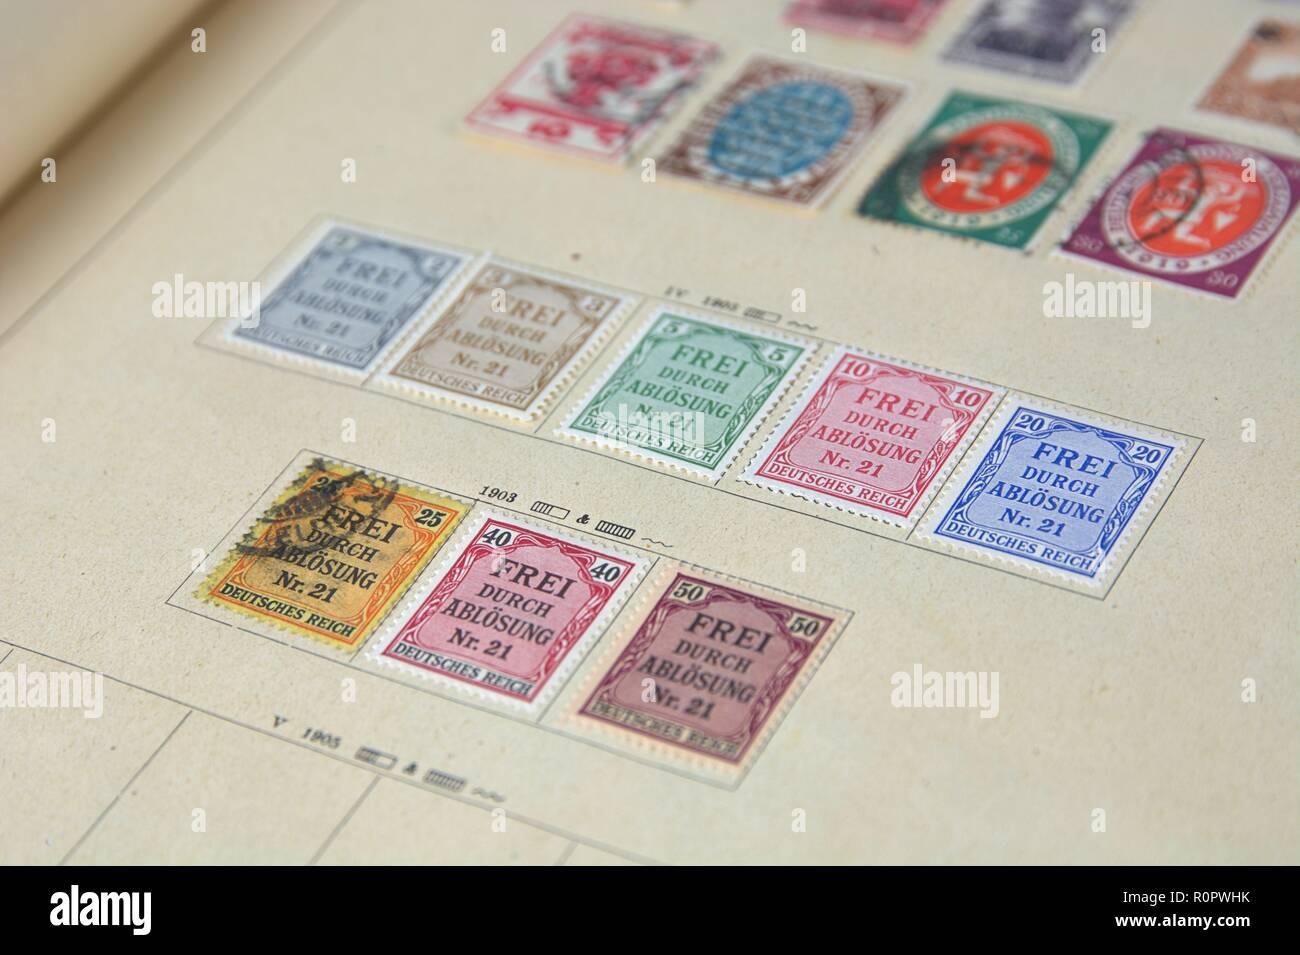 Aus Dem Ausland Importiert Briefmarken,sammeln,umschläge Diverse Philatelie